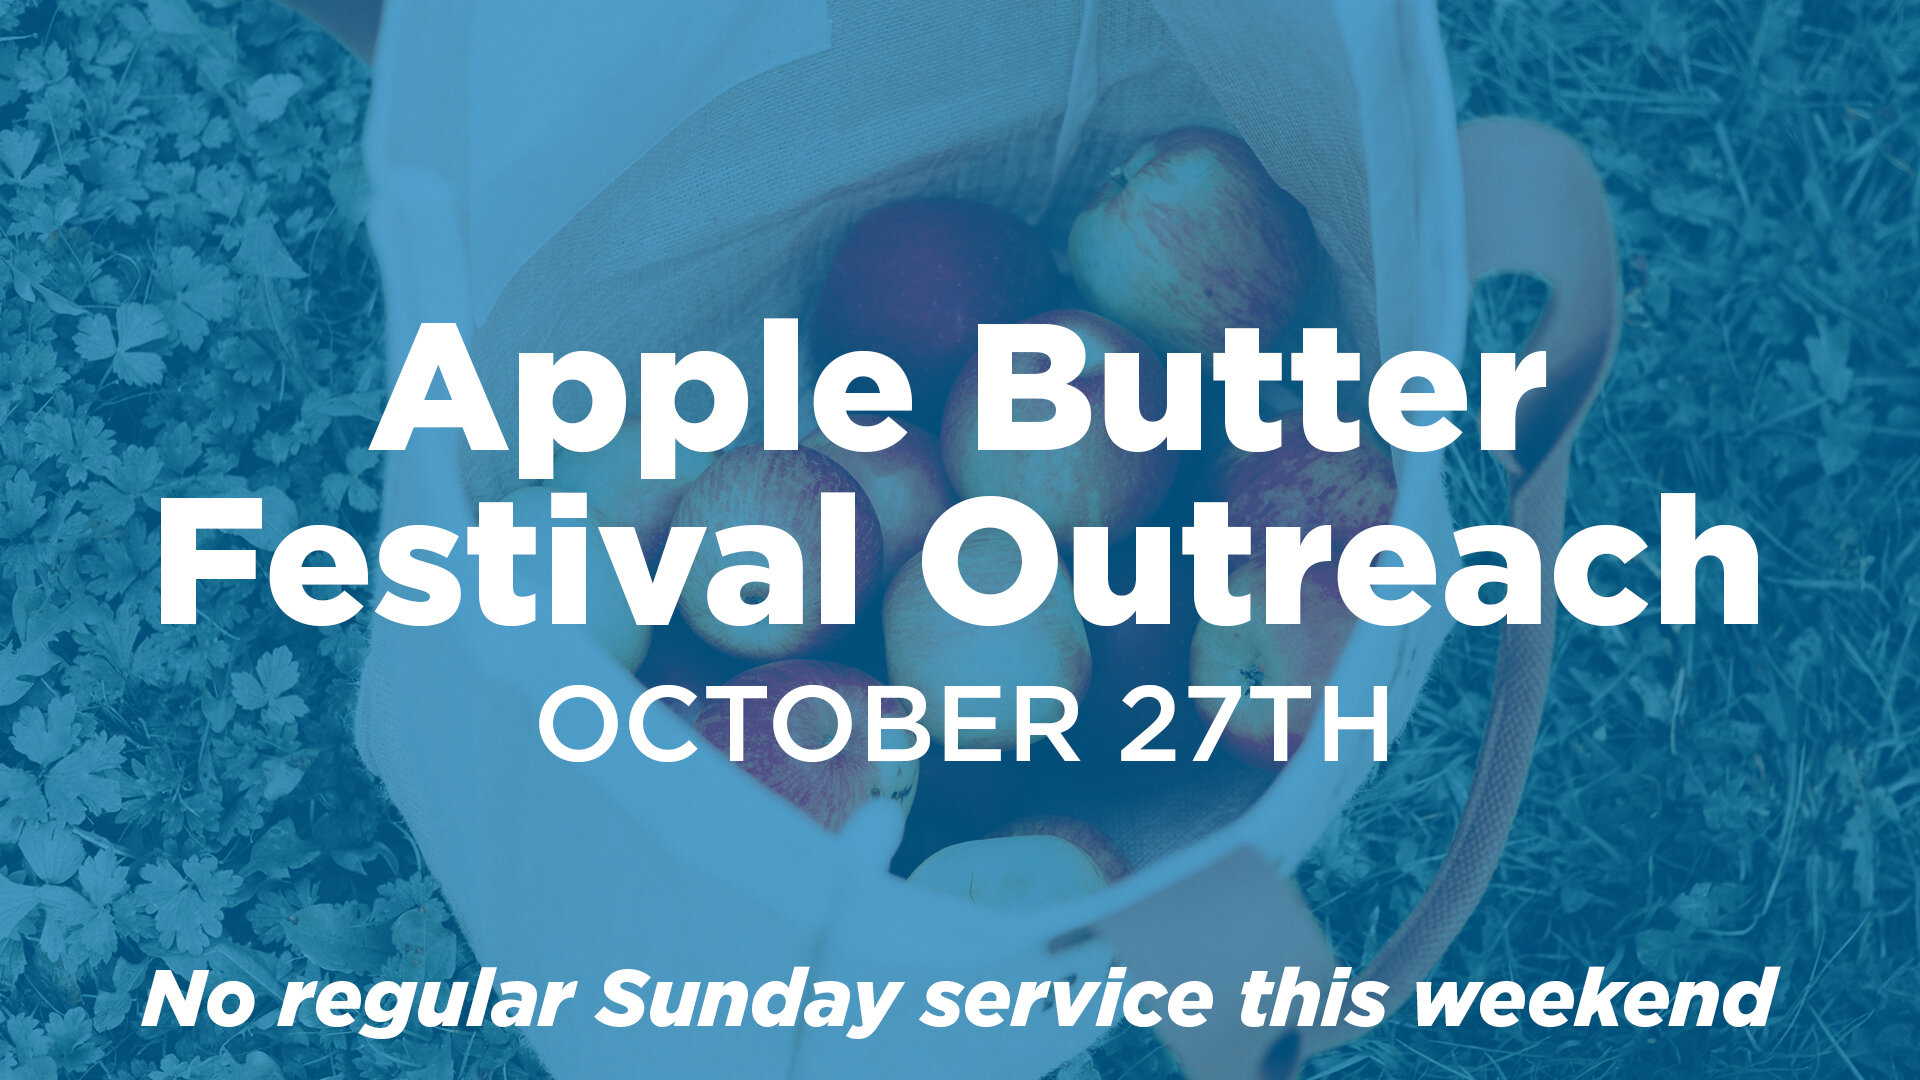 Apple Butter Festival 1920x1080.jpg